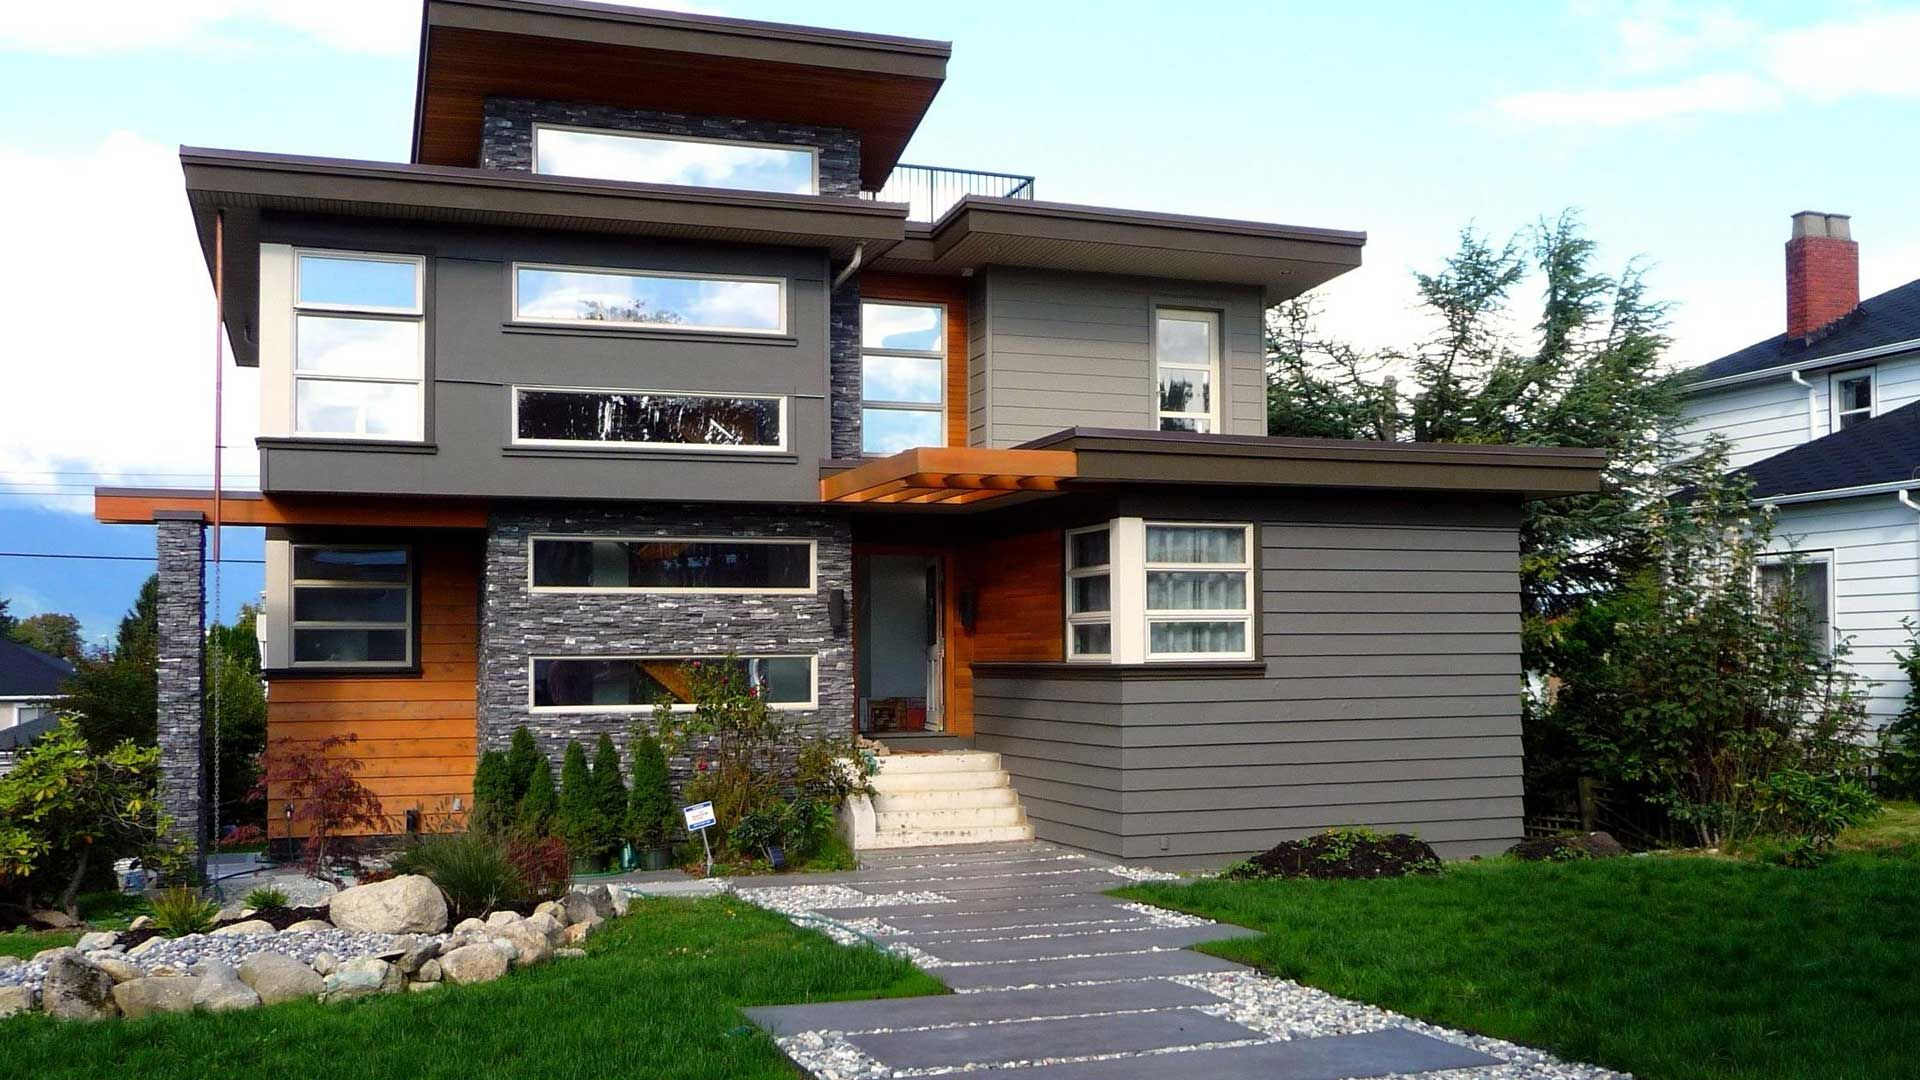 modern house siding ideas on Modern House Siding Ideas  id=35086